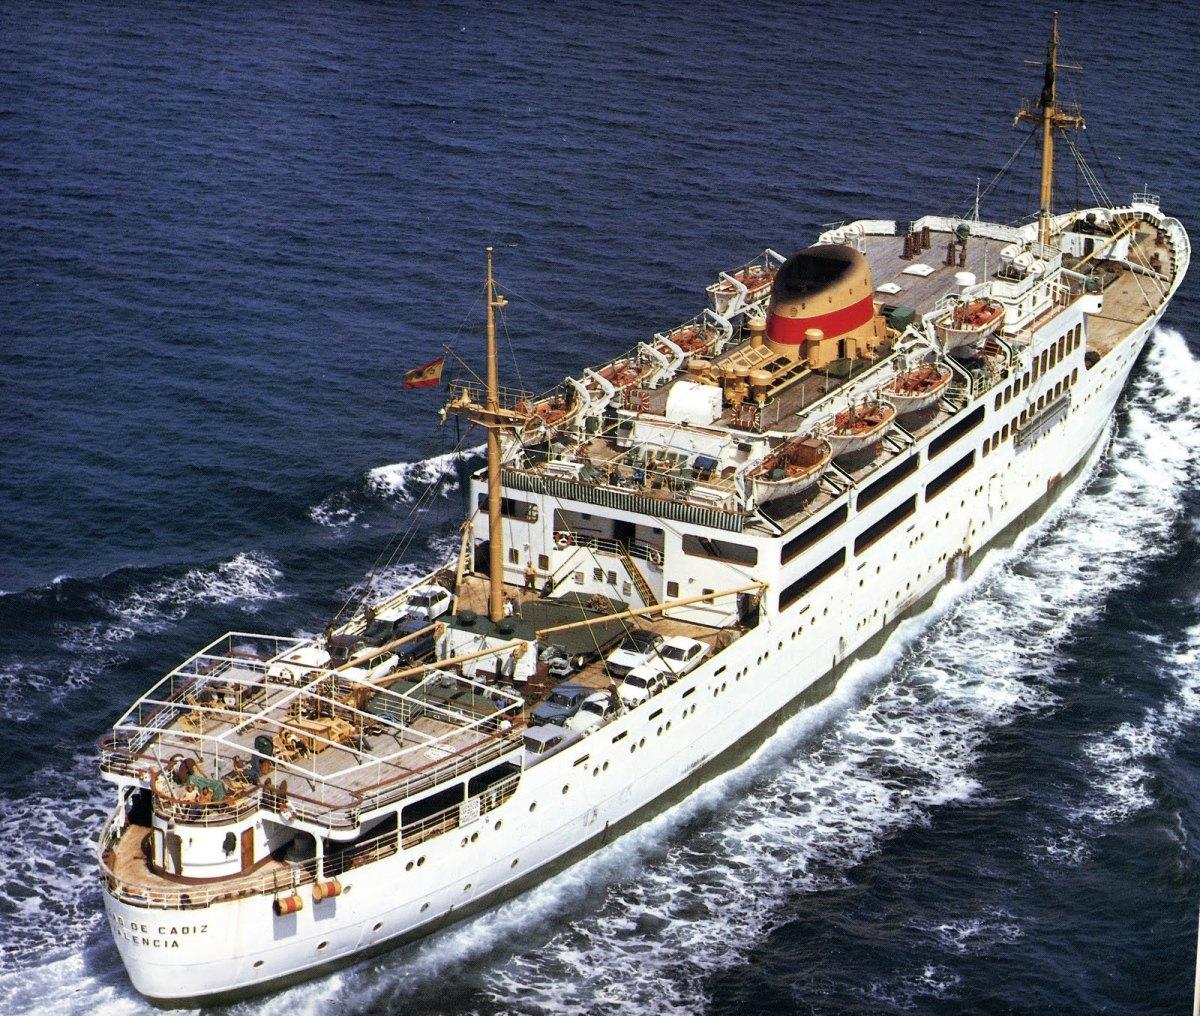 Era un barco bonito, exponente de otra época de la construcción naval en España